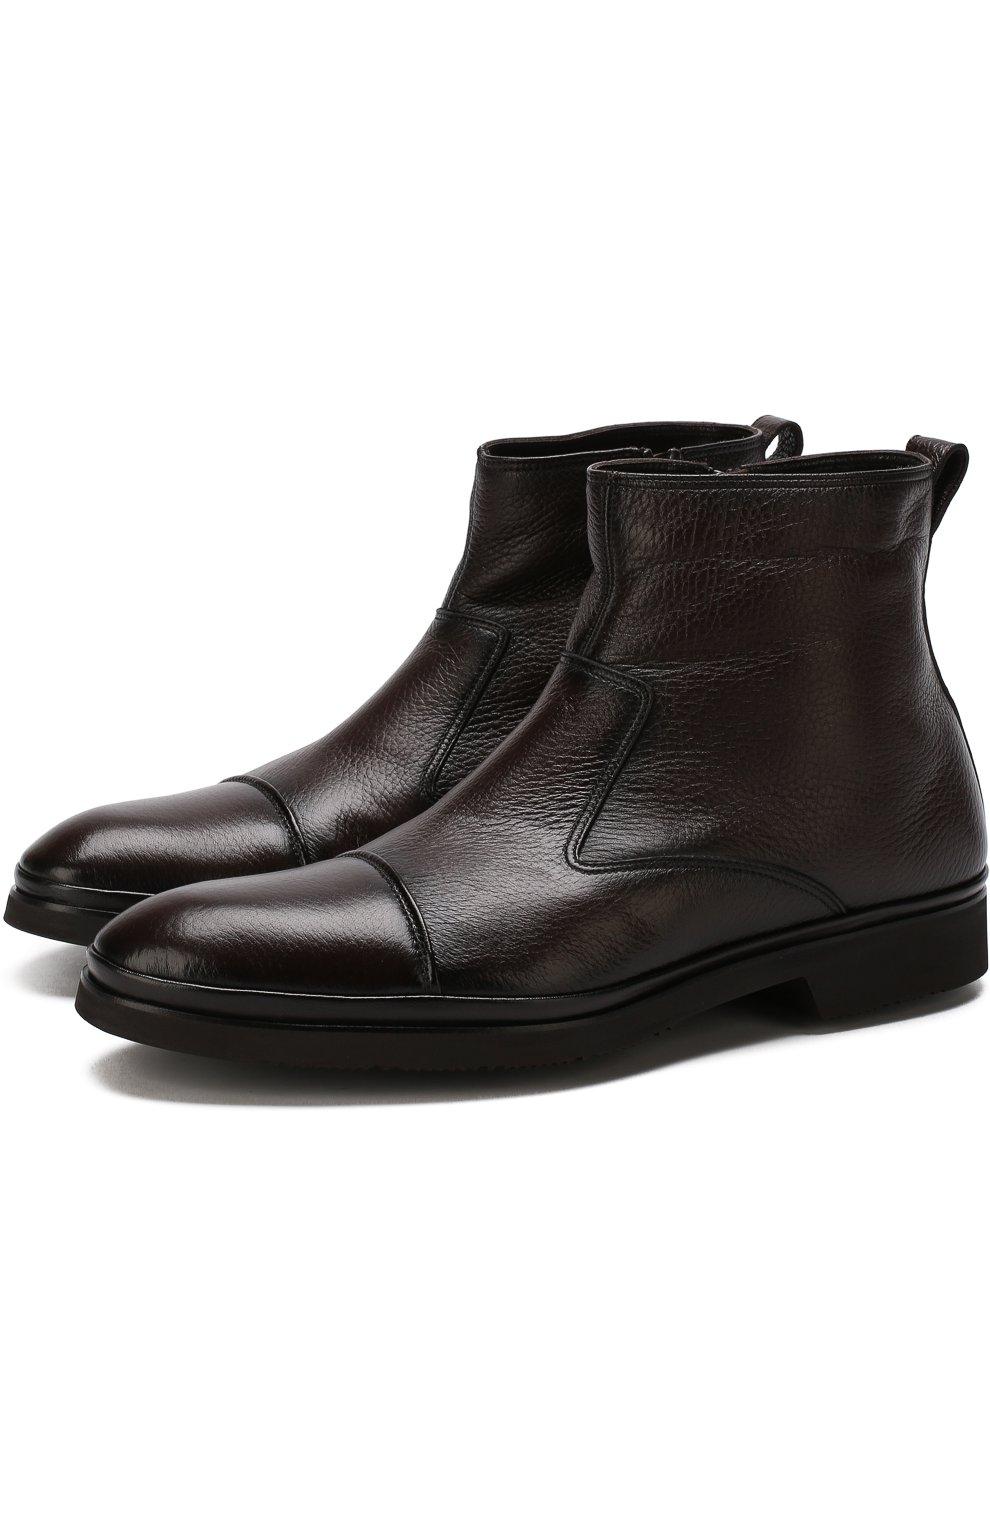 Высокие кожаные ботинки на молнии с внутренней меховой отделкой Aldo Brue коричневые   Фото №1